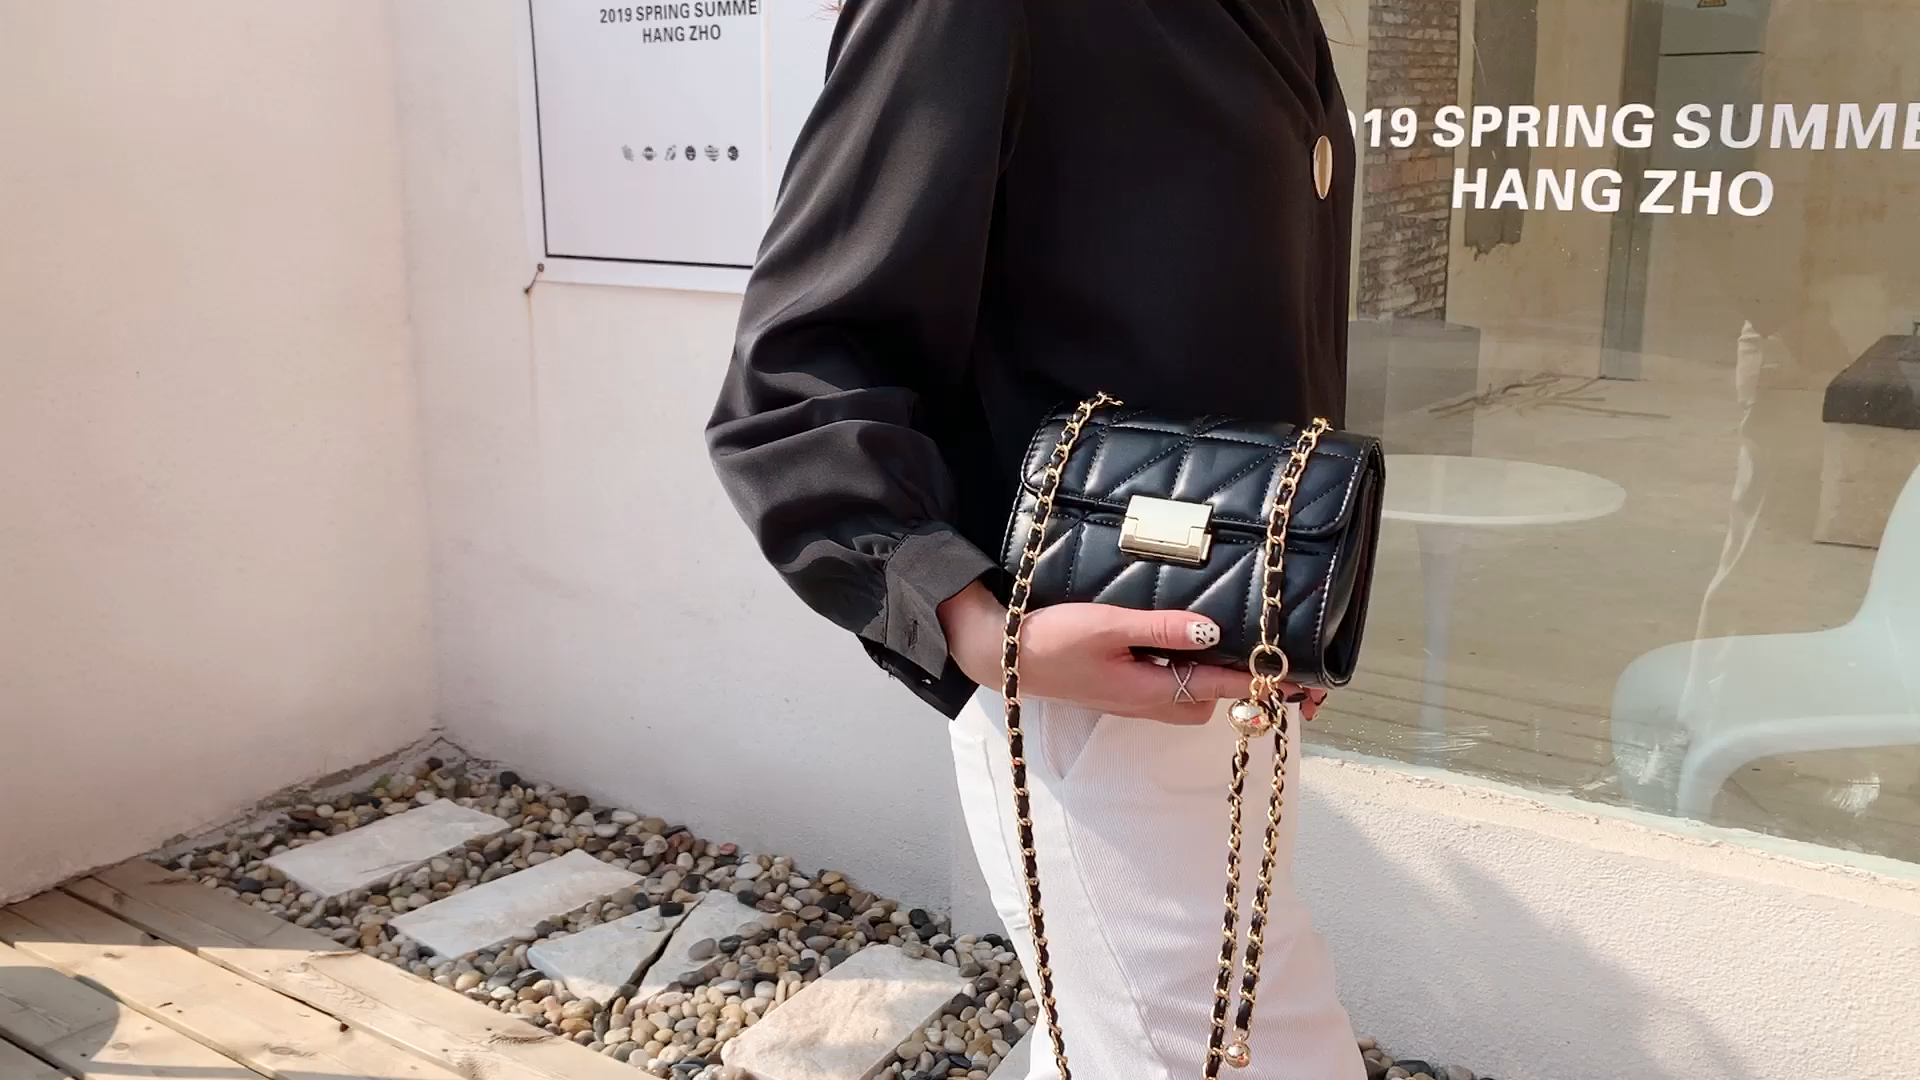 STABILE Сумка-тоут, женские сумки, наплечная сумка из искусственной кожи, маленькая сумка-тоут, повседневные сумки